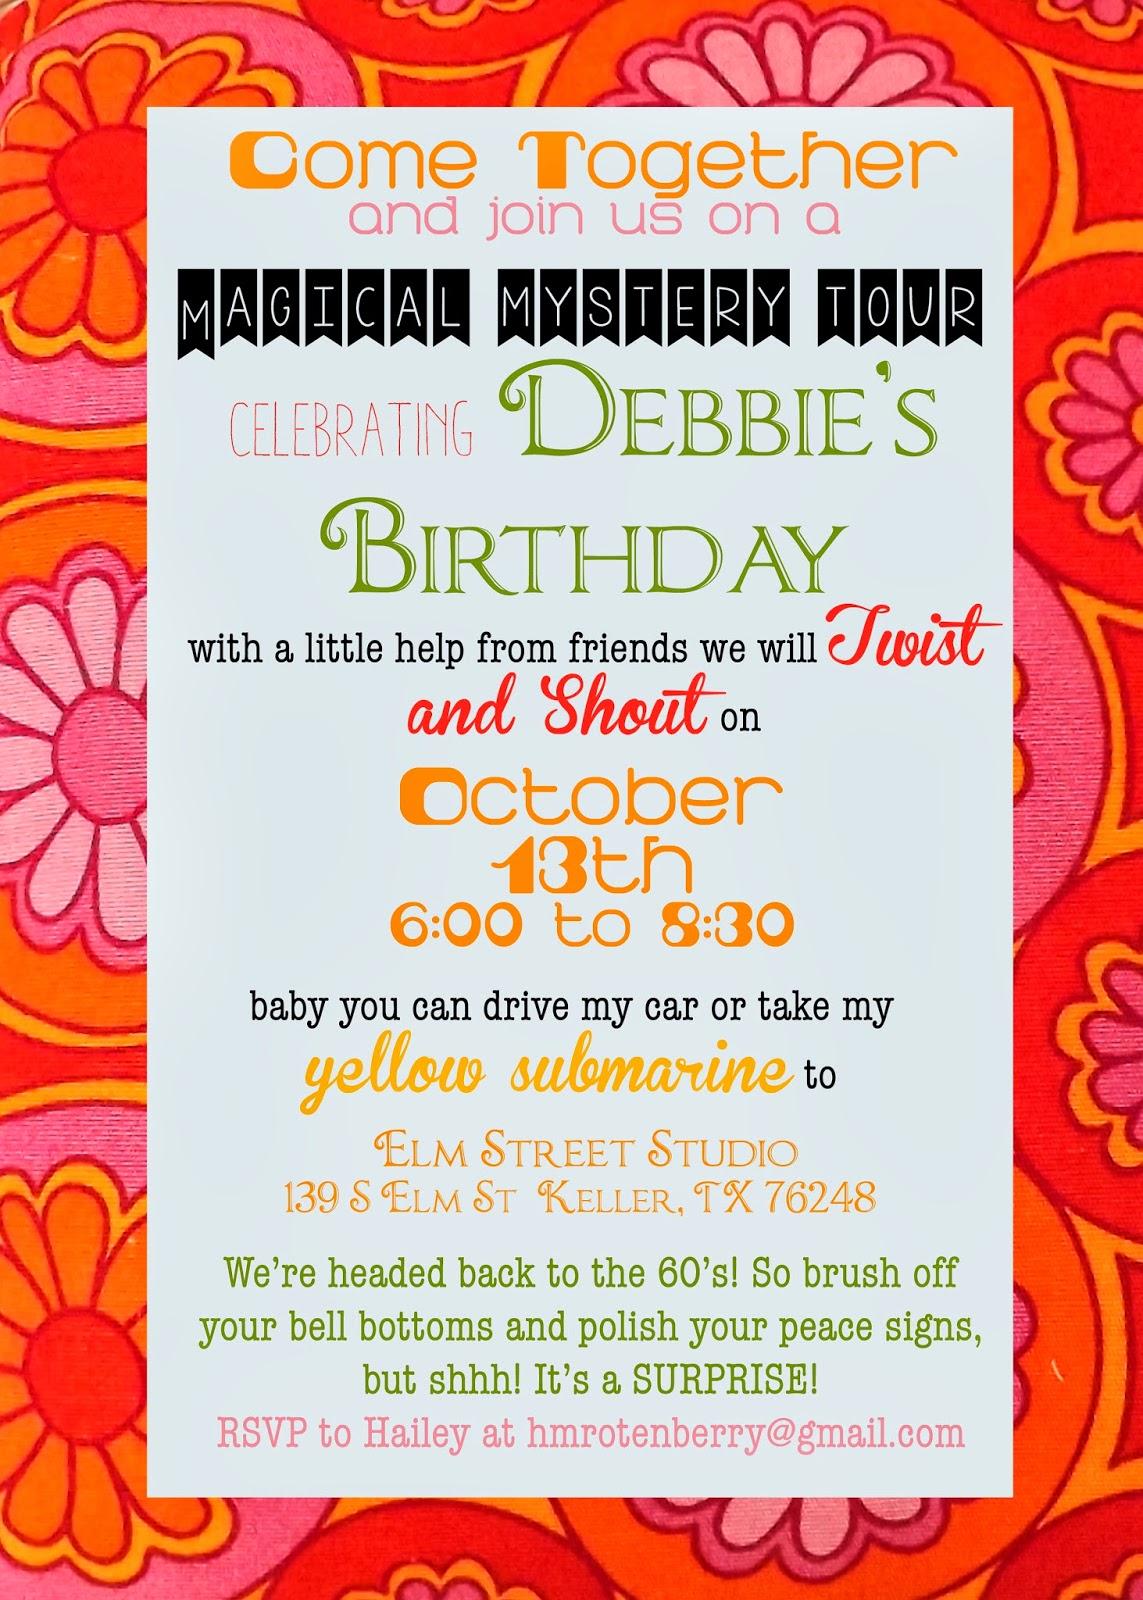 Hailey Berry : Mom\'s Groovy 60\'s Birthday Bash